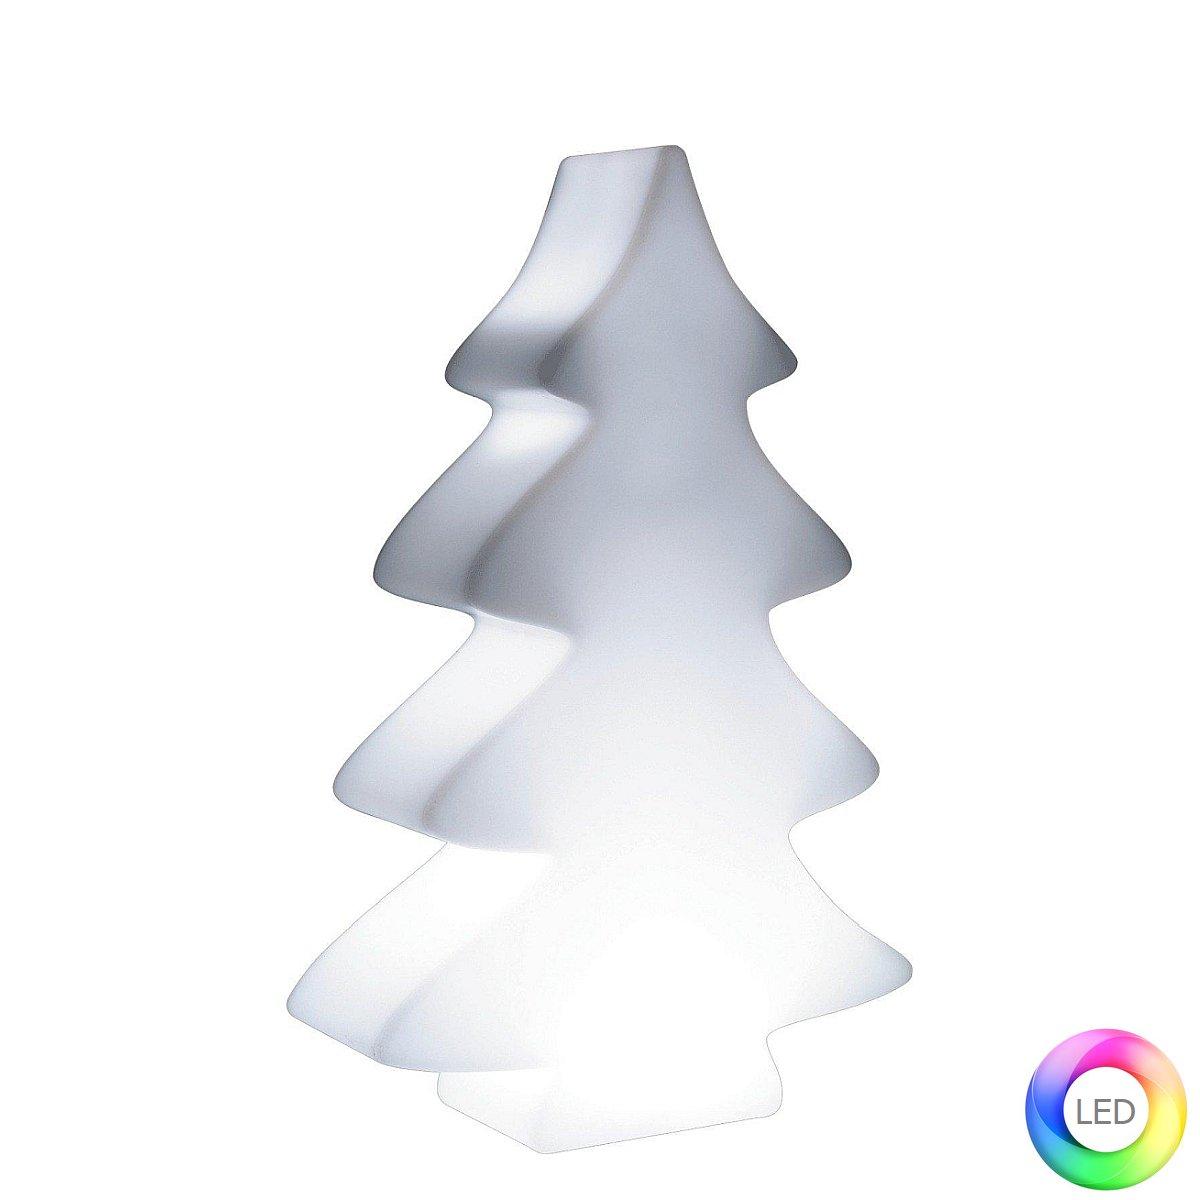 LUMENIO LED Weihnachtsbaum 82 cm Mini, beleuchtet, Gehäuse weiß